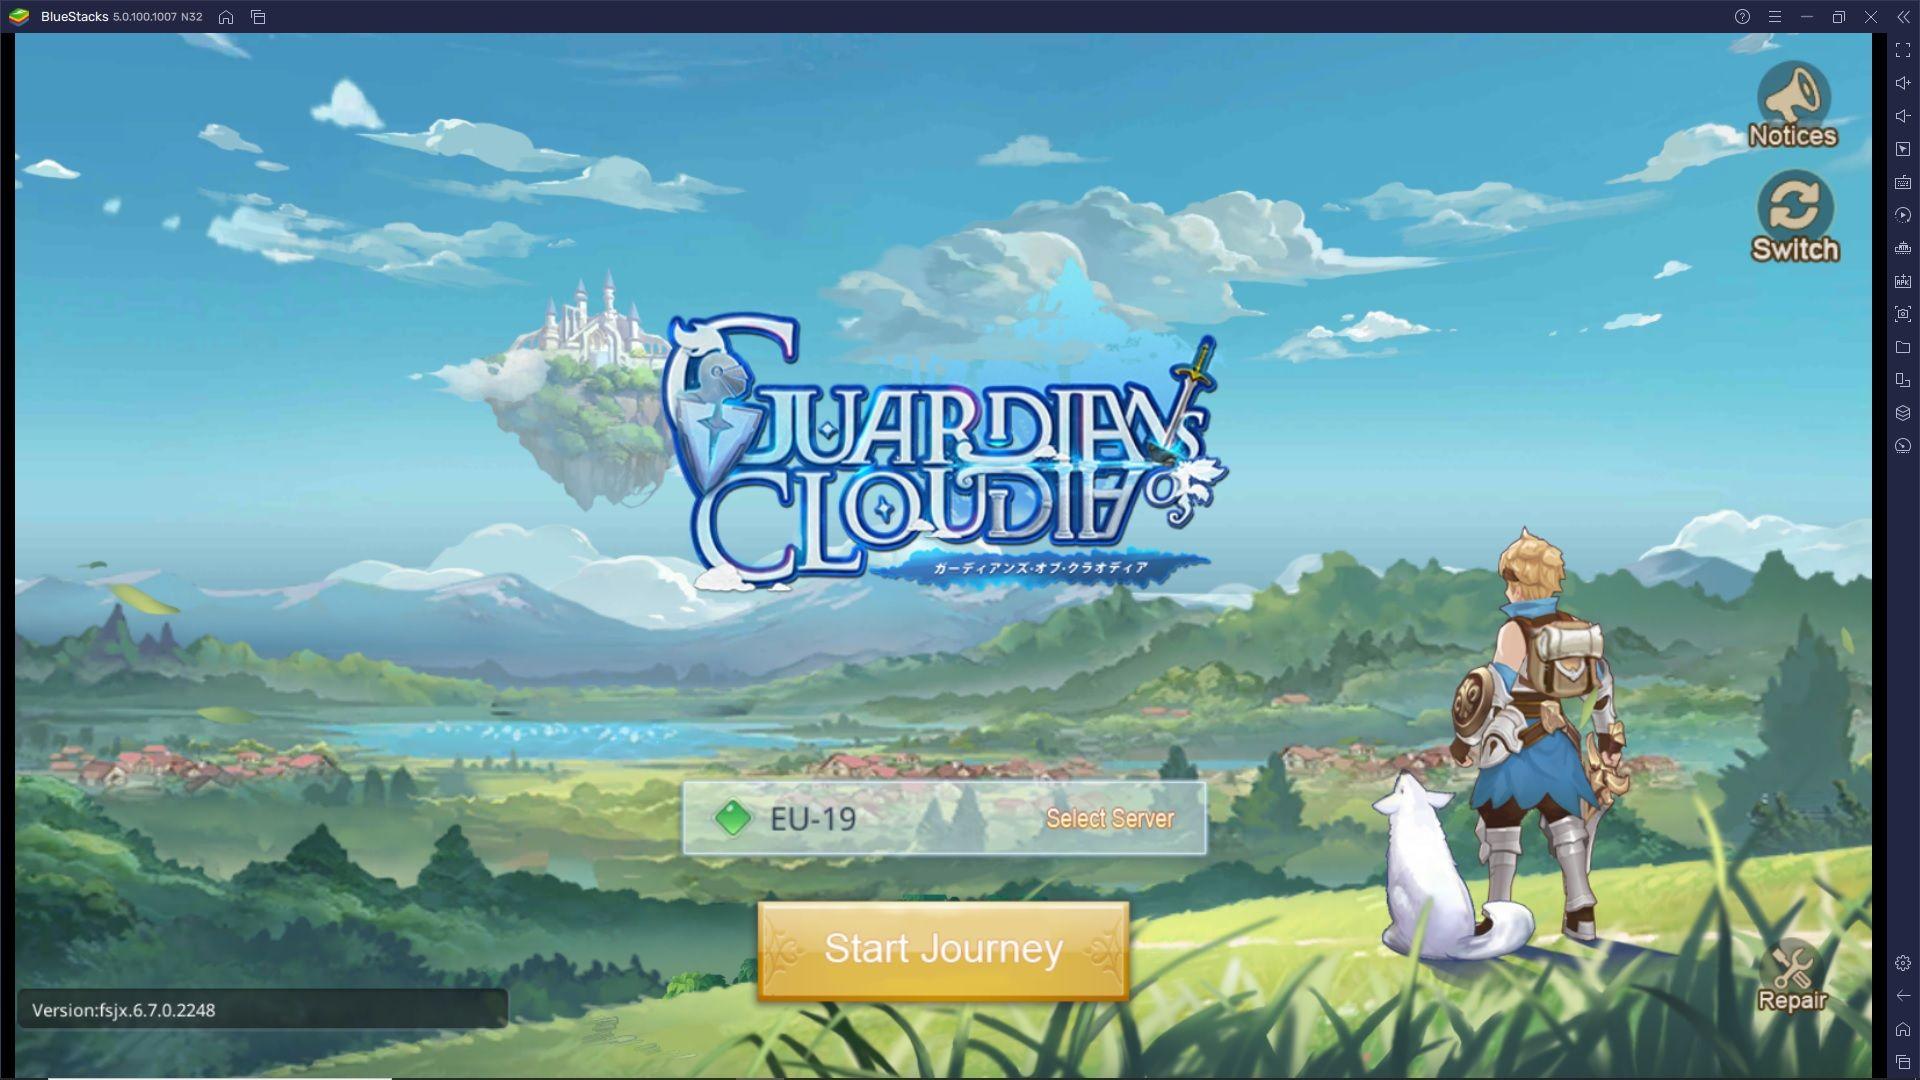 Scarica su PC e Mac il nuovo MMORPG di Neocraft: Guardians of Cloudia!